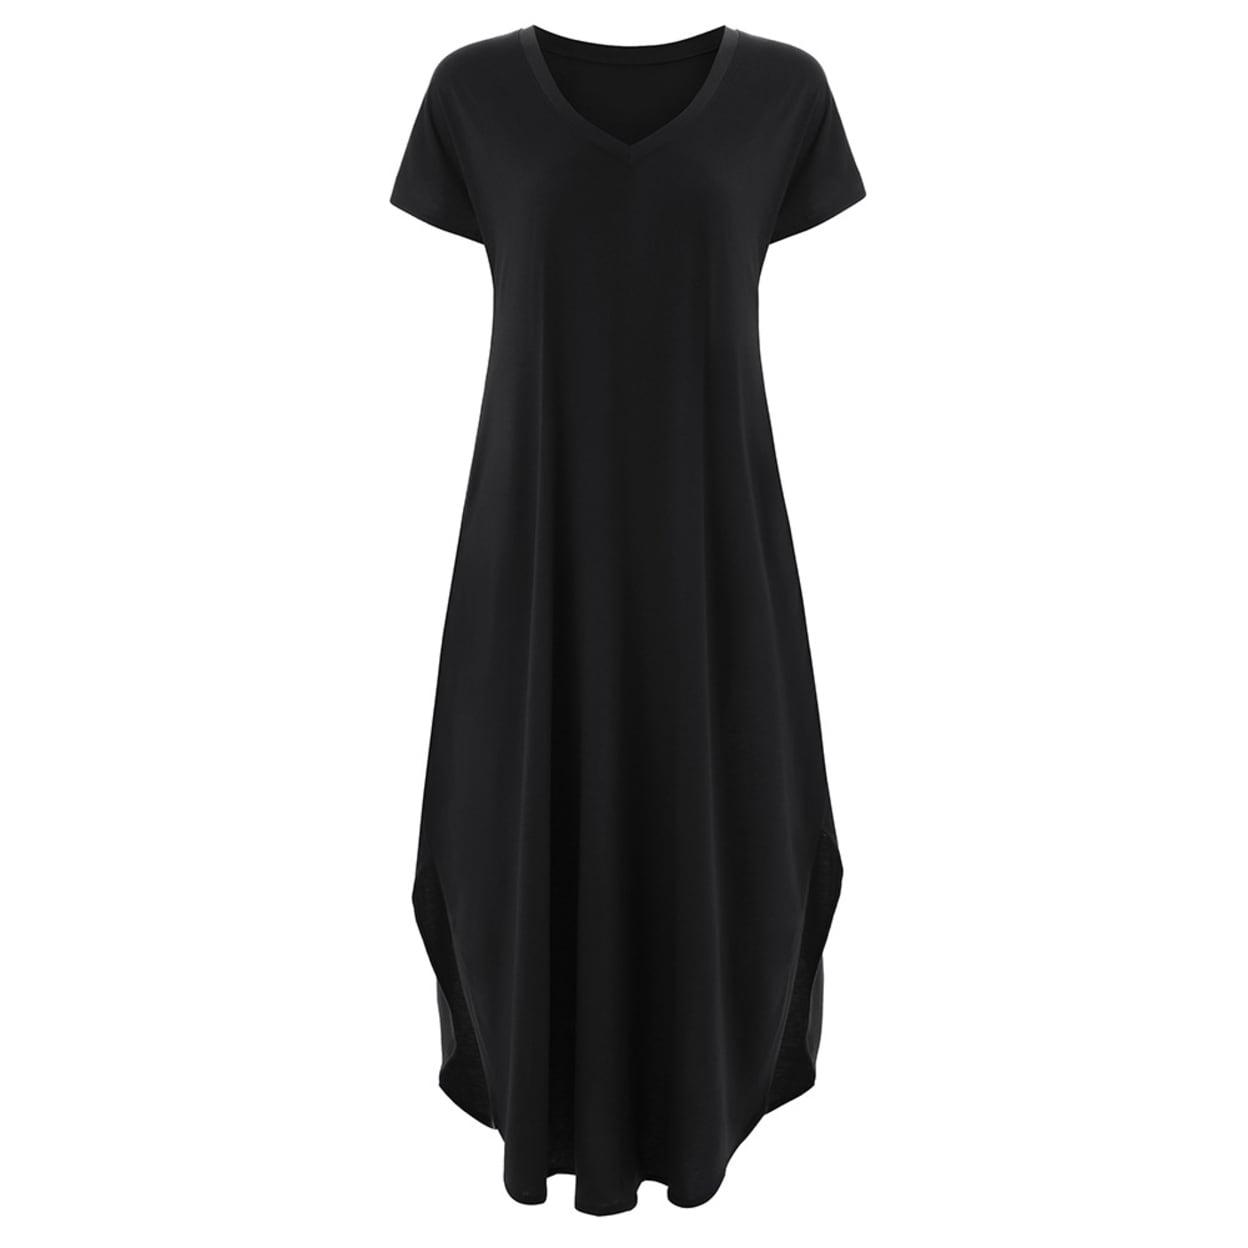 ... THE MYSTYLEMODE BLACK VELVET DEEP V NECK SLIT DRESS  new arrival 92fe8  e3400 Shop V-Neck Split Hem Pocketed Maxi Dress - On Sale ... e1ba04fff